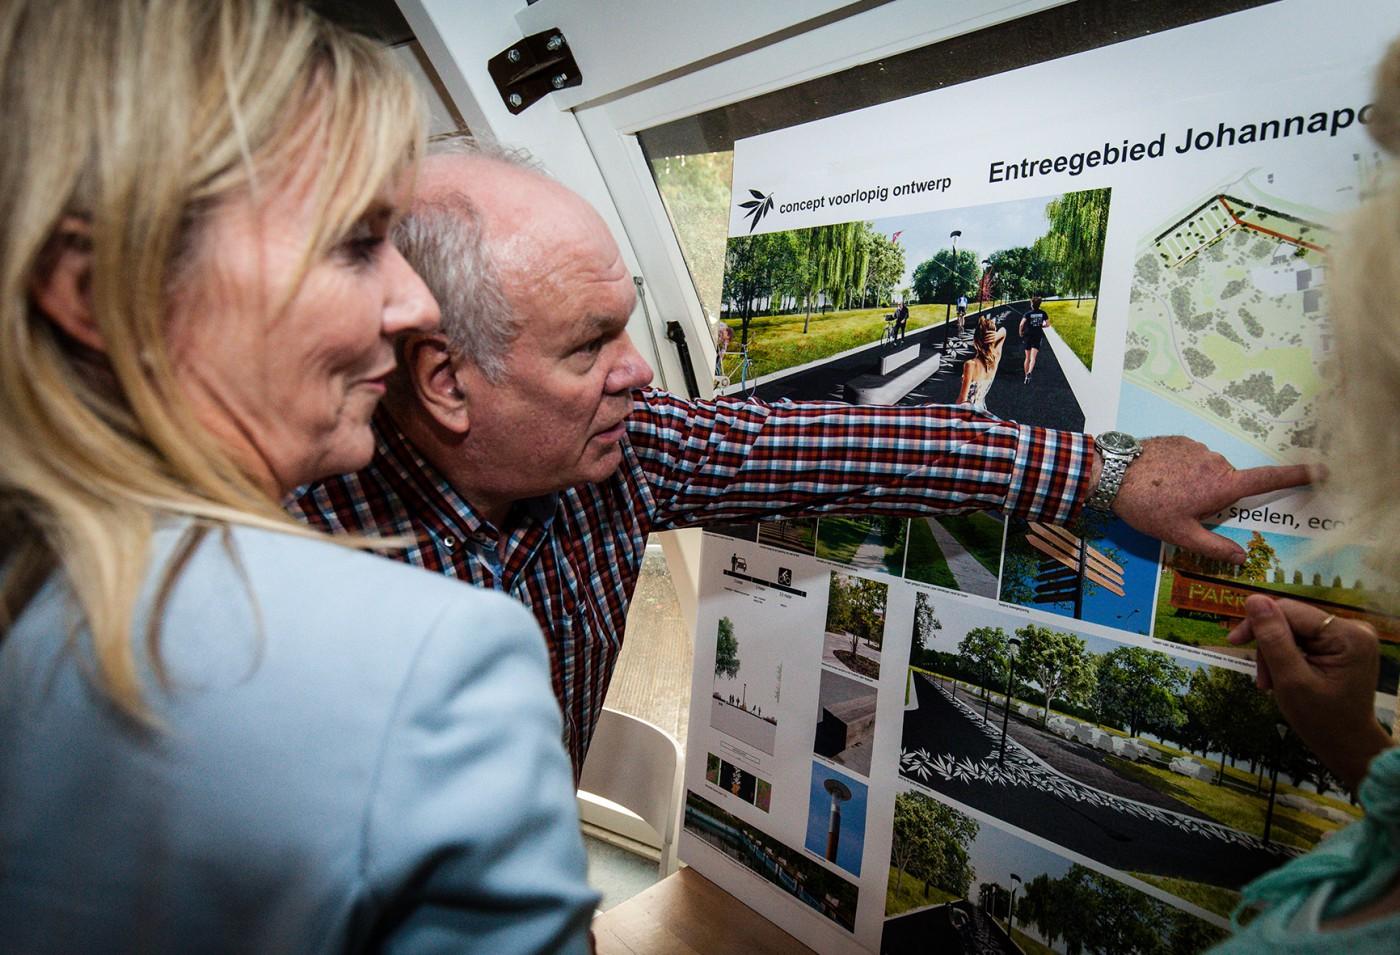 buro-sant-en-co-landschapsarchitectuur-johannapolder-albrandswaard-landschap-participatie-3